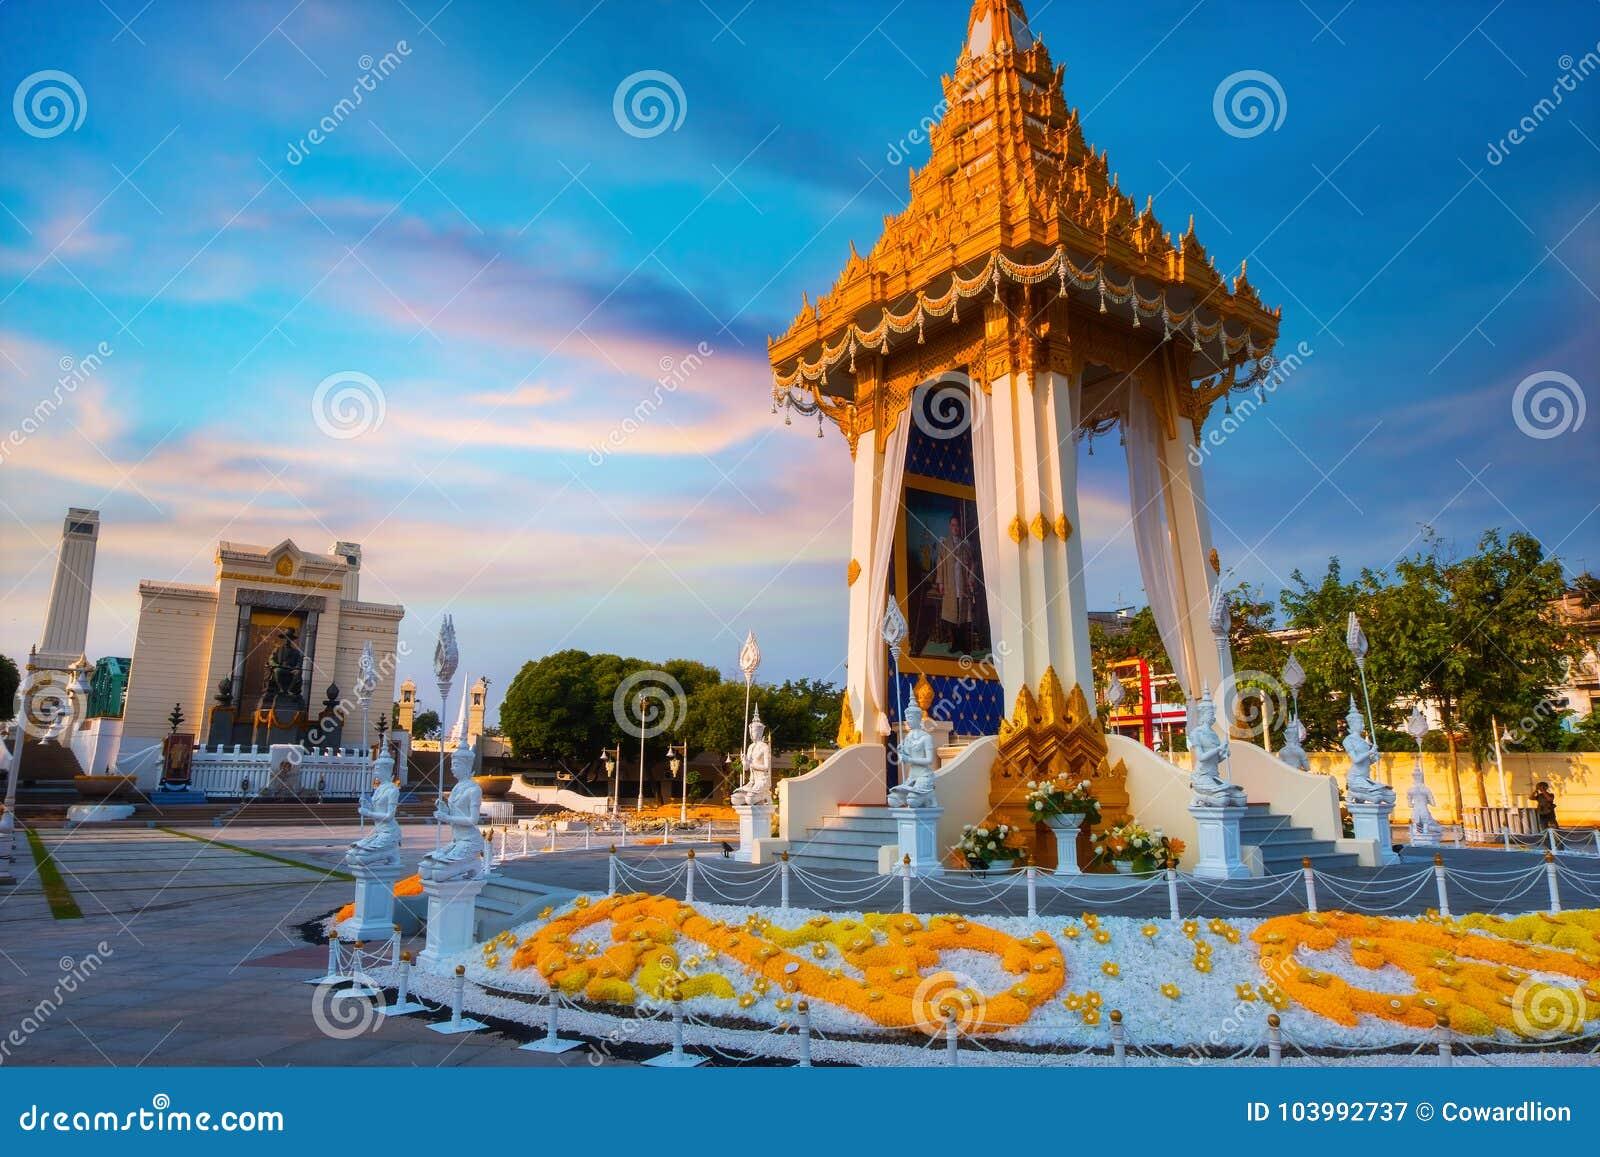 A réplica do crematório real de seu rei atrasado Bhumibol Adulyadej da majestade construído para o funeral real no rei Rama Eu Pa